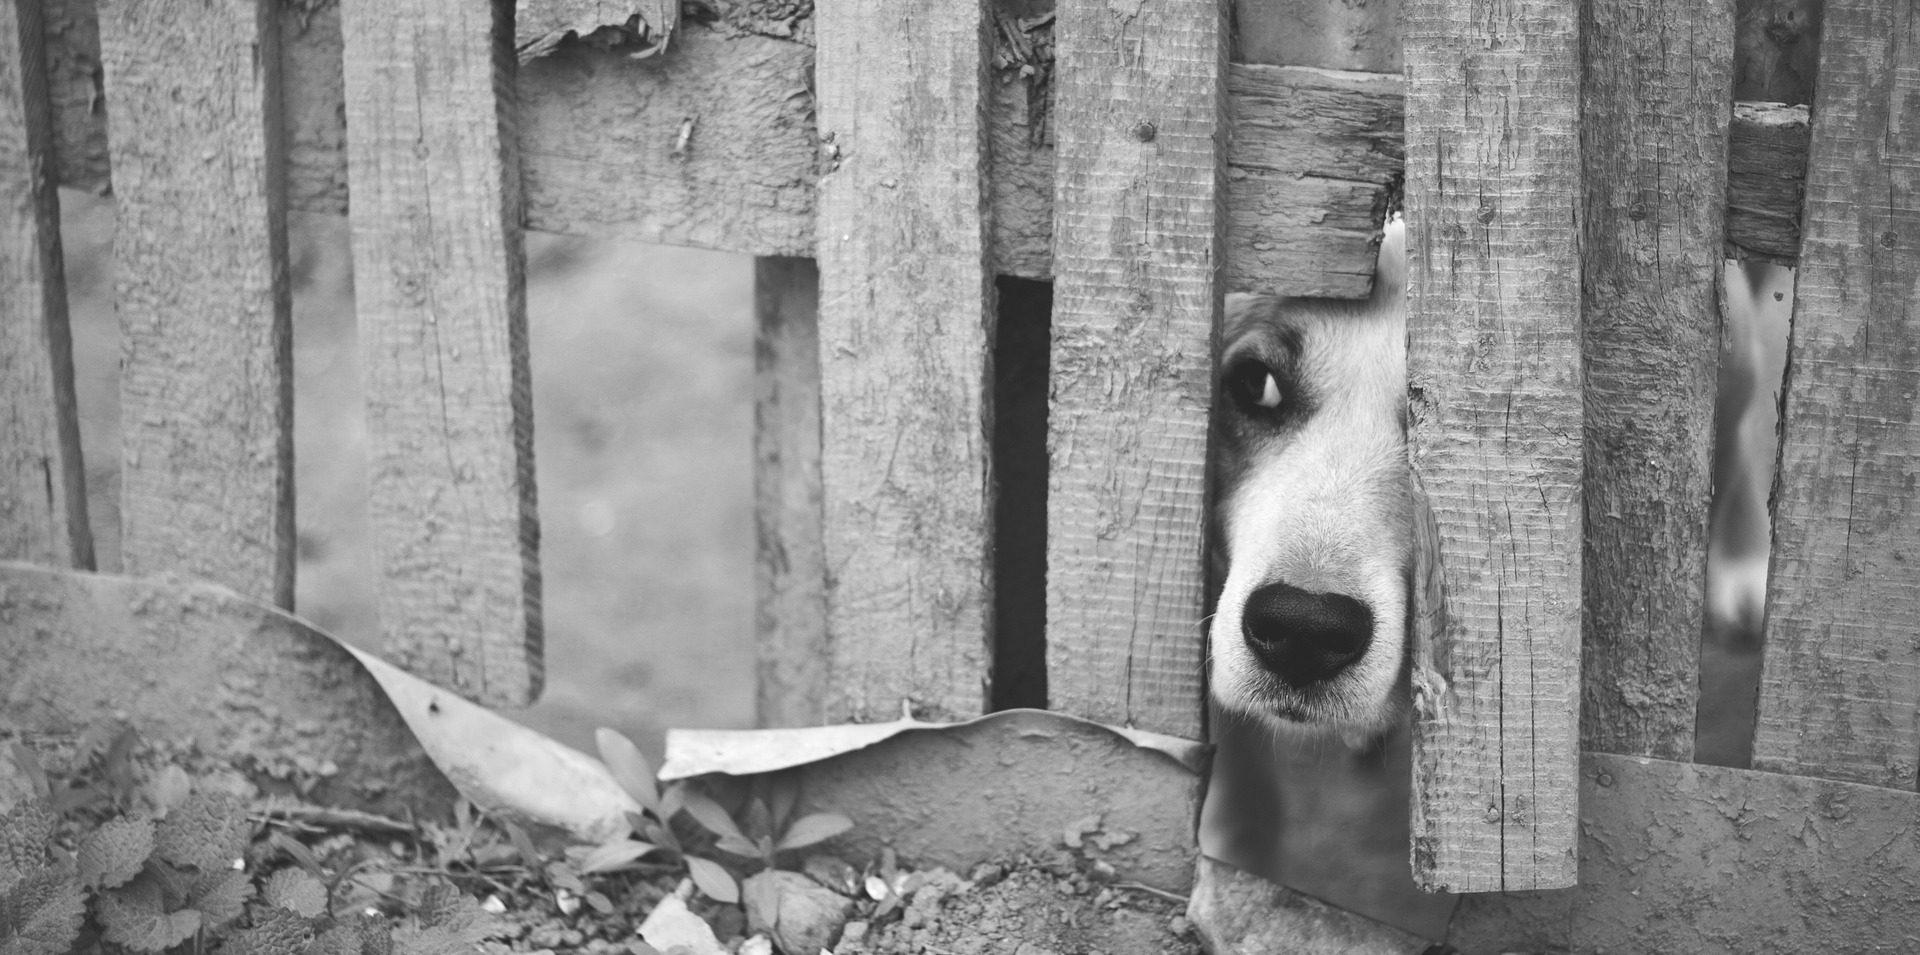 Kutyus kiles a kerítés nyílásán